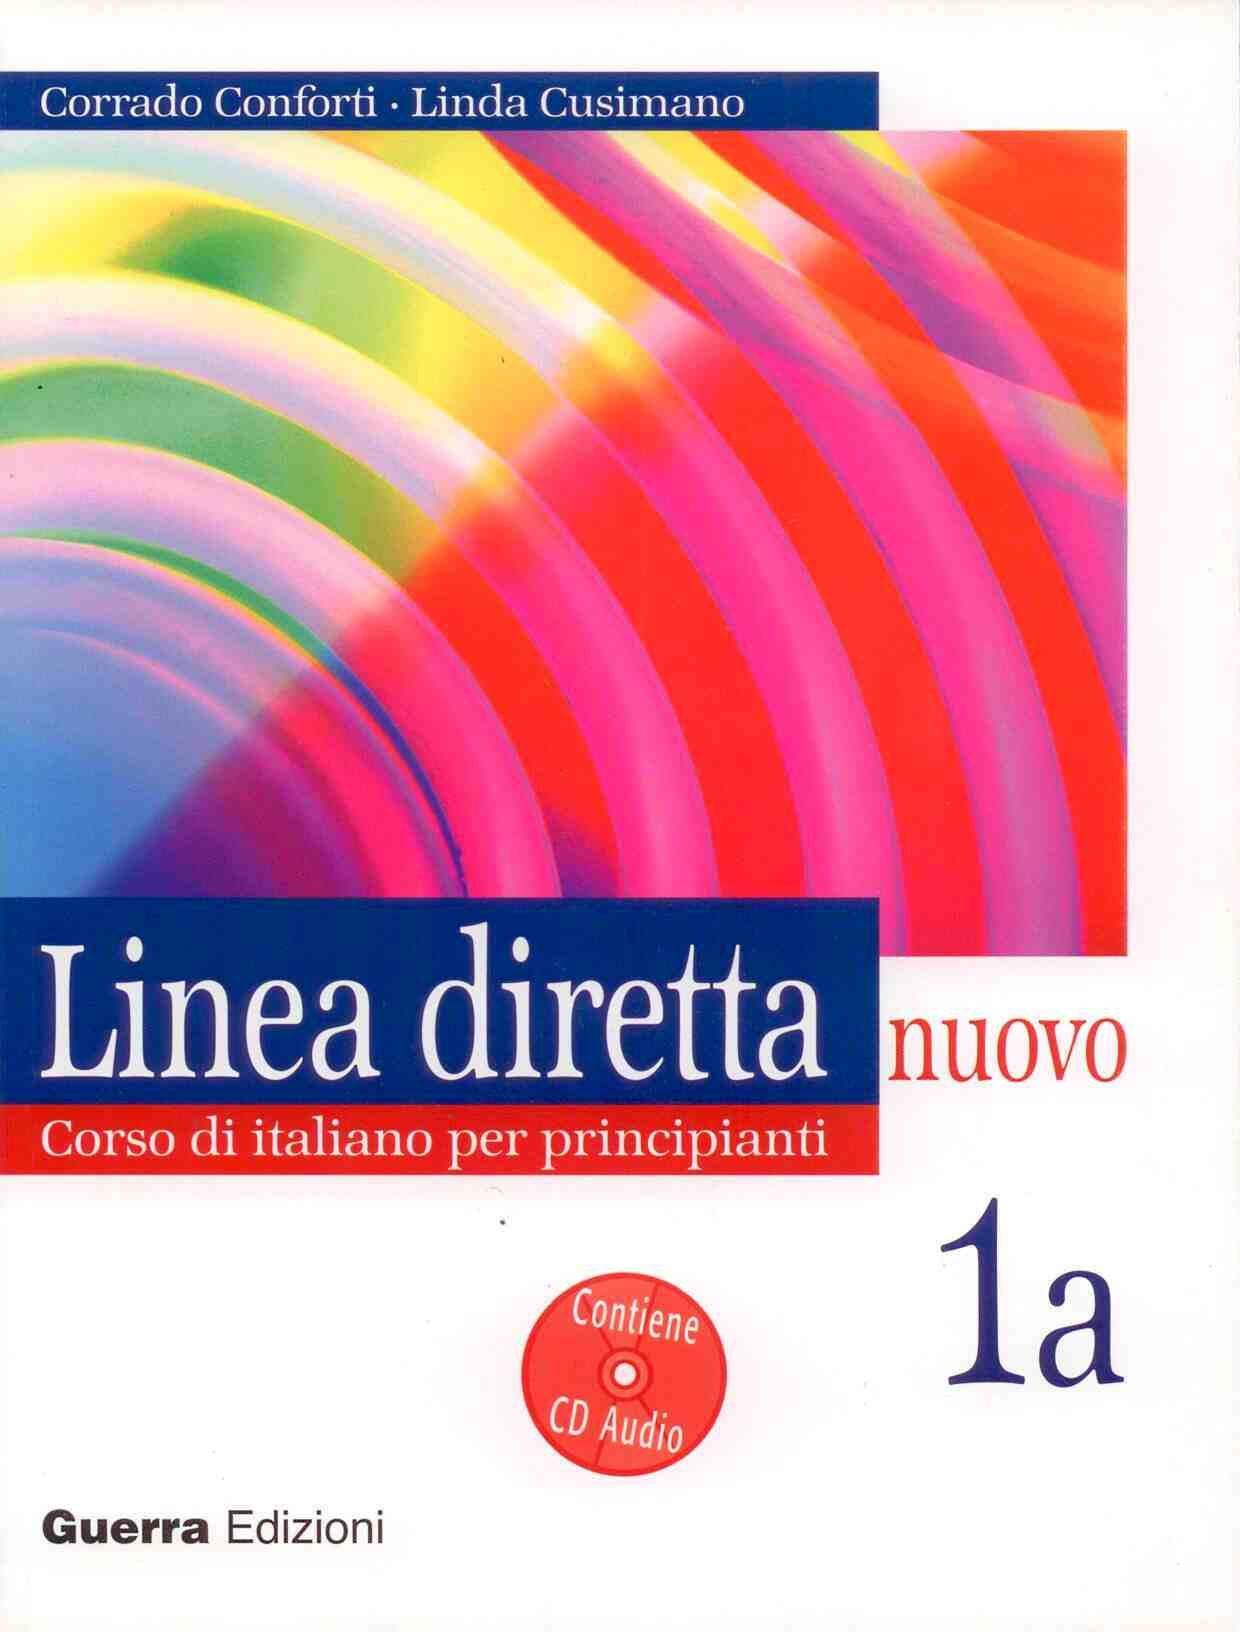 Linea Diretta Nuovo: Corso Di Italiano Per Principianti 1a (inclu Ye Cd-rom) por Corrado Conforti;                                                                                    Linda Cusimano epub